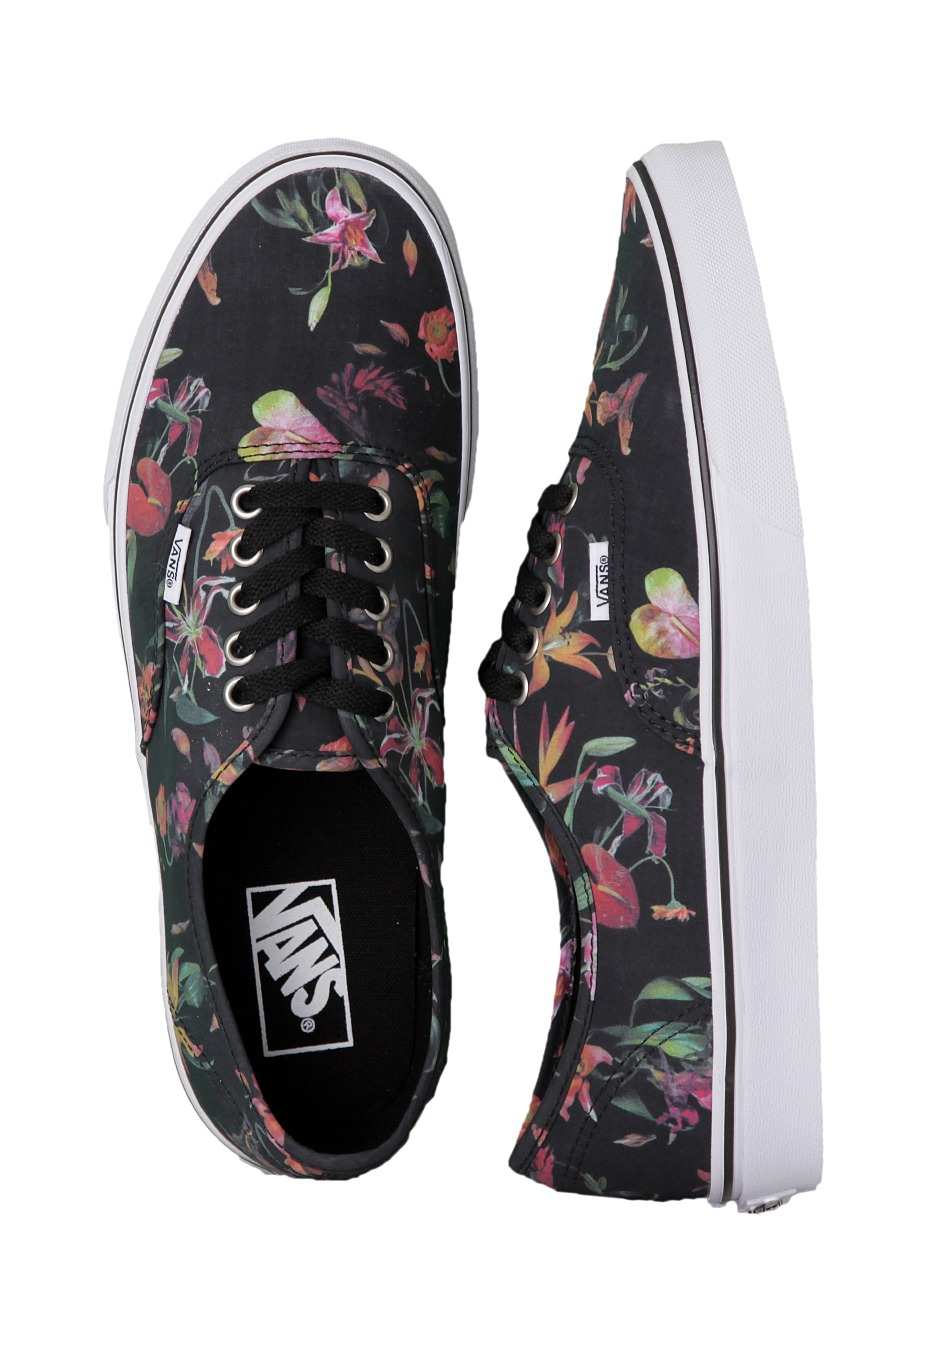 bd7fcf413051aa Vans - Authentic Black Bloom Black True White - Shoes - Impericon.com US